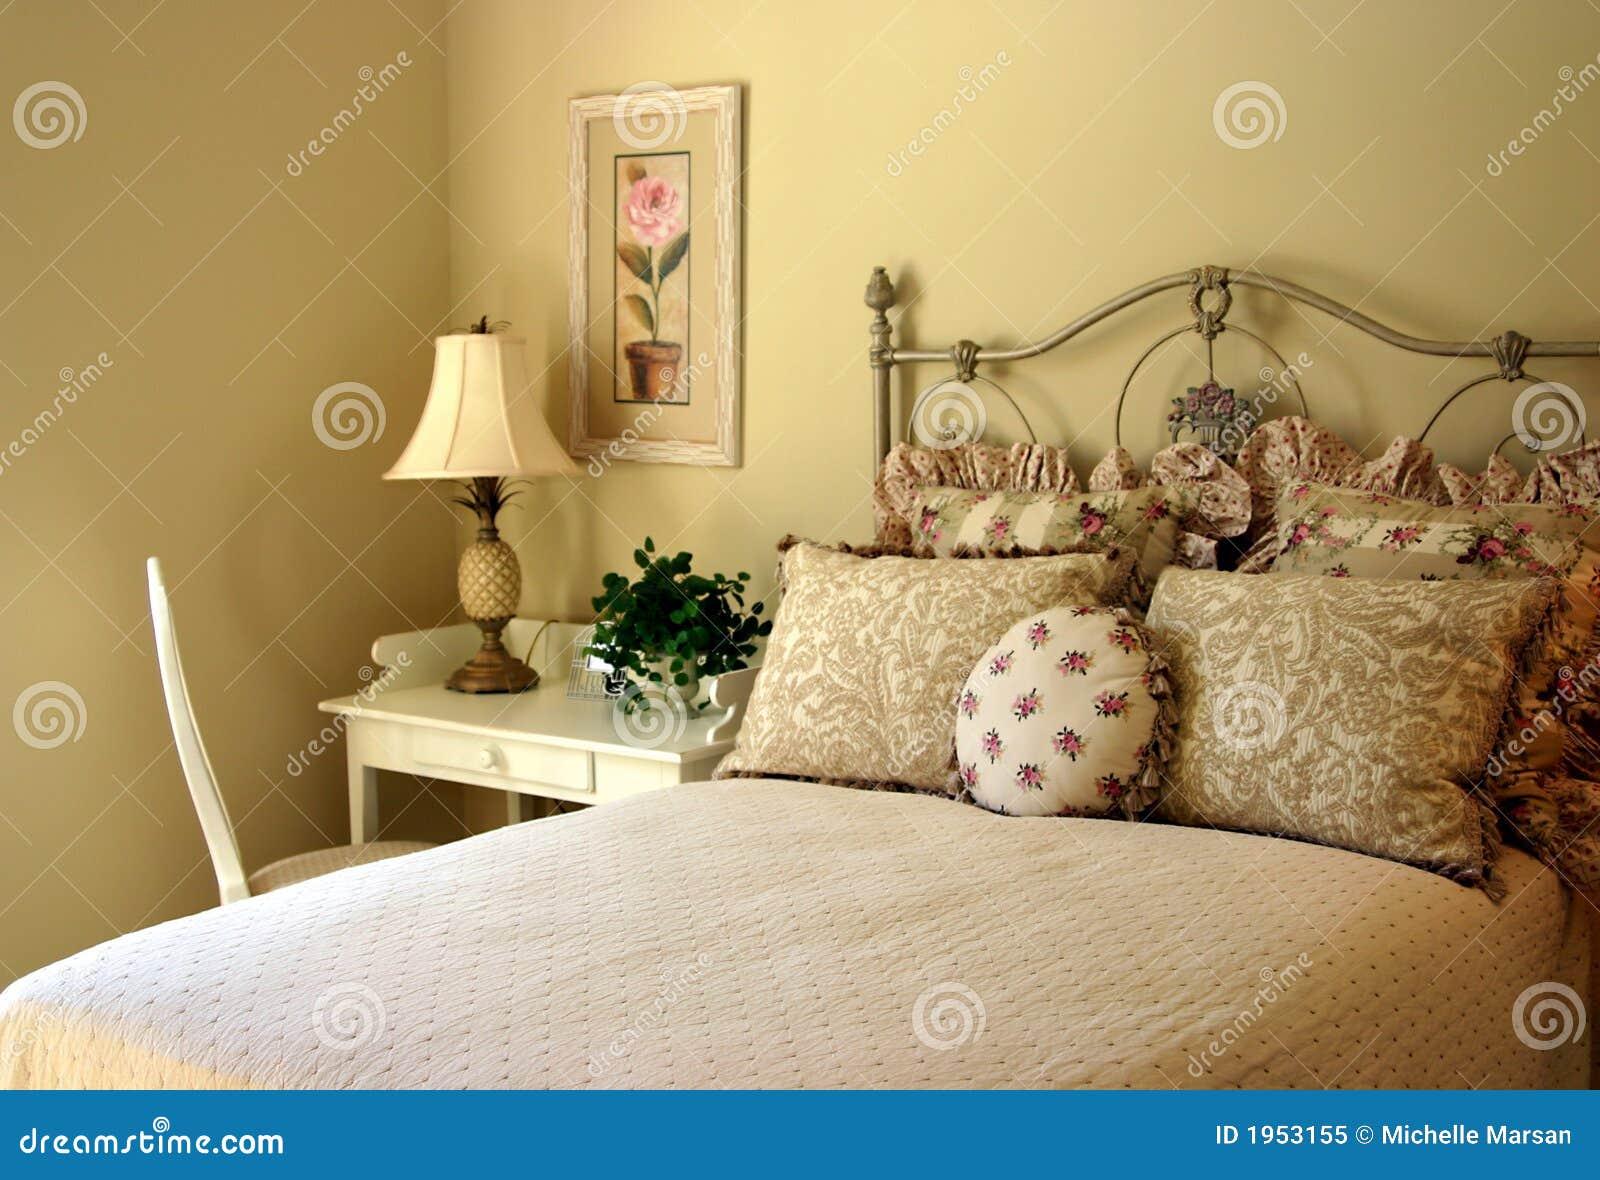 chambre à coucher d'invité romantique image stock - image du bedroom